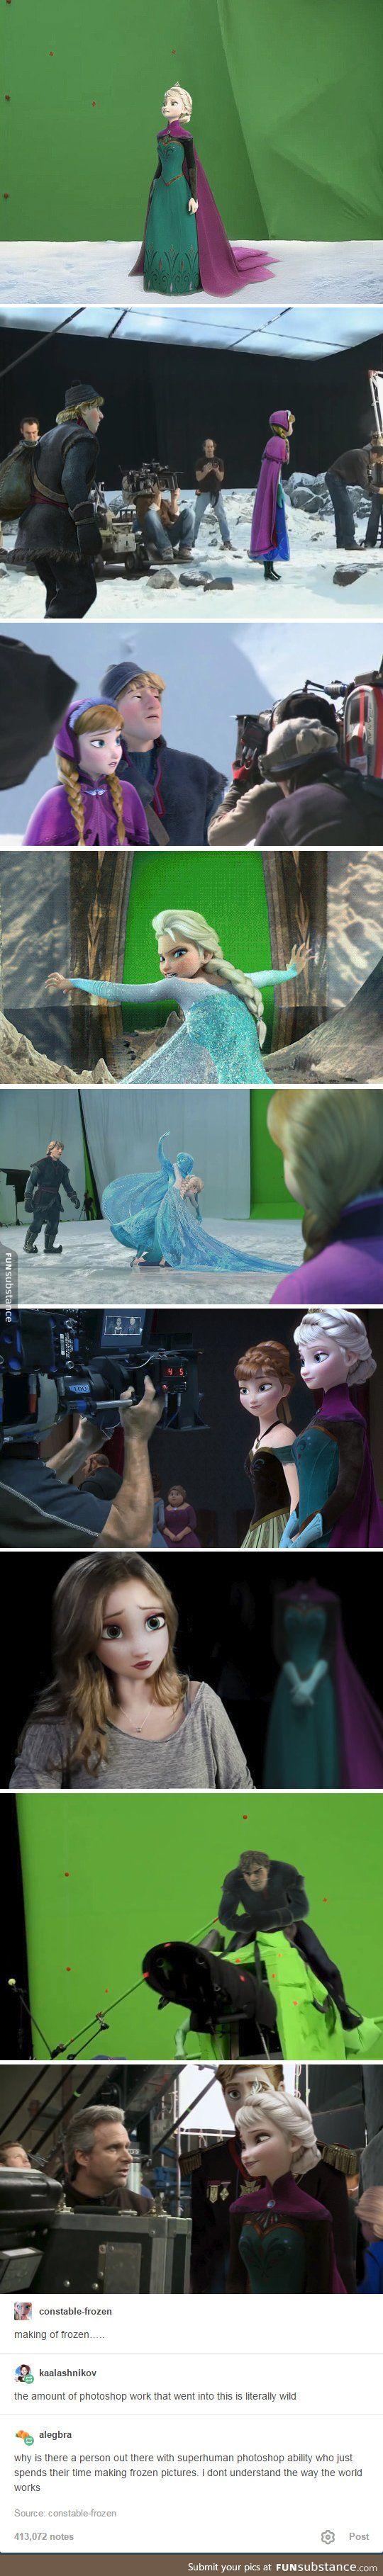 Behind the scenes of Frozen